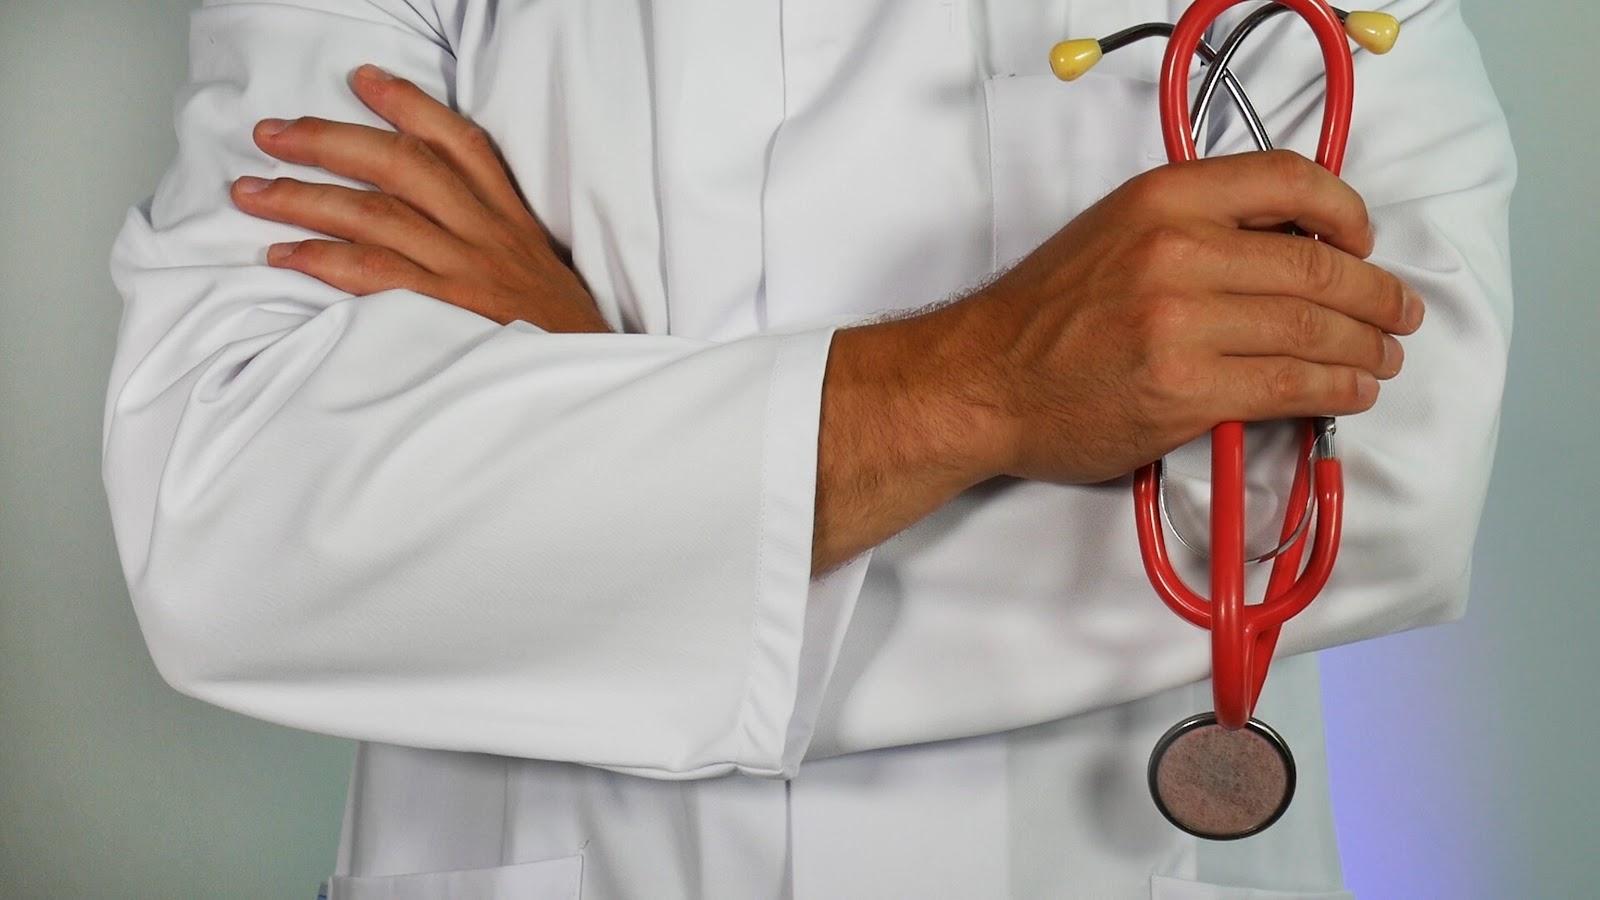 Um médico segurando seus equipamentos de trabalho.